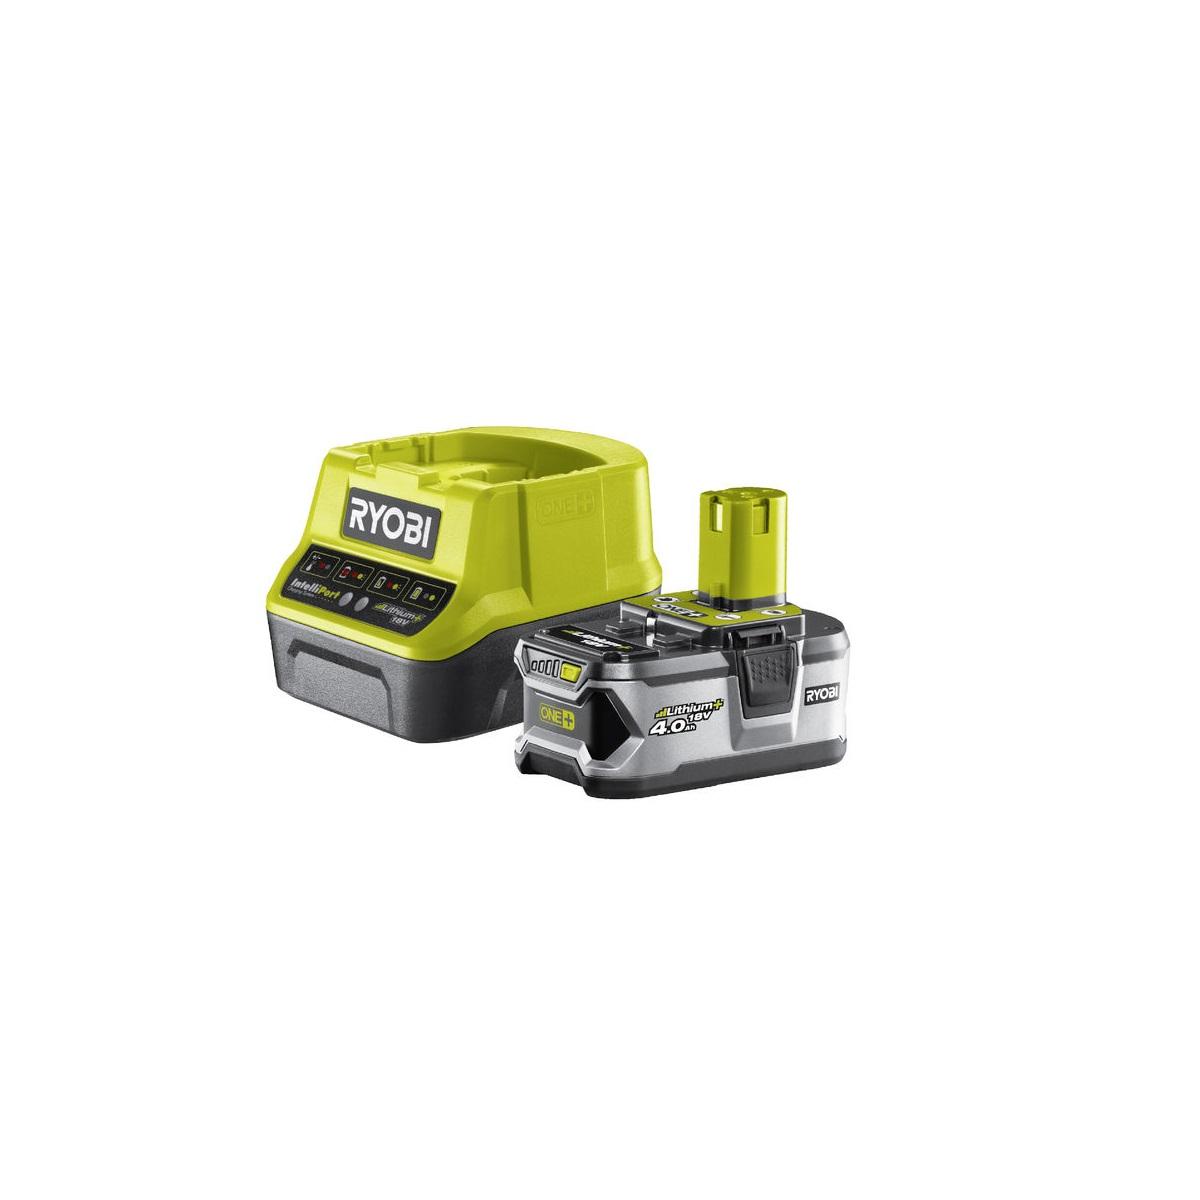 Ryobi RC18120-140sada 18 V lithium iontová baterie 4 Ah s nabíječkou RC18120 ONE+